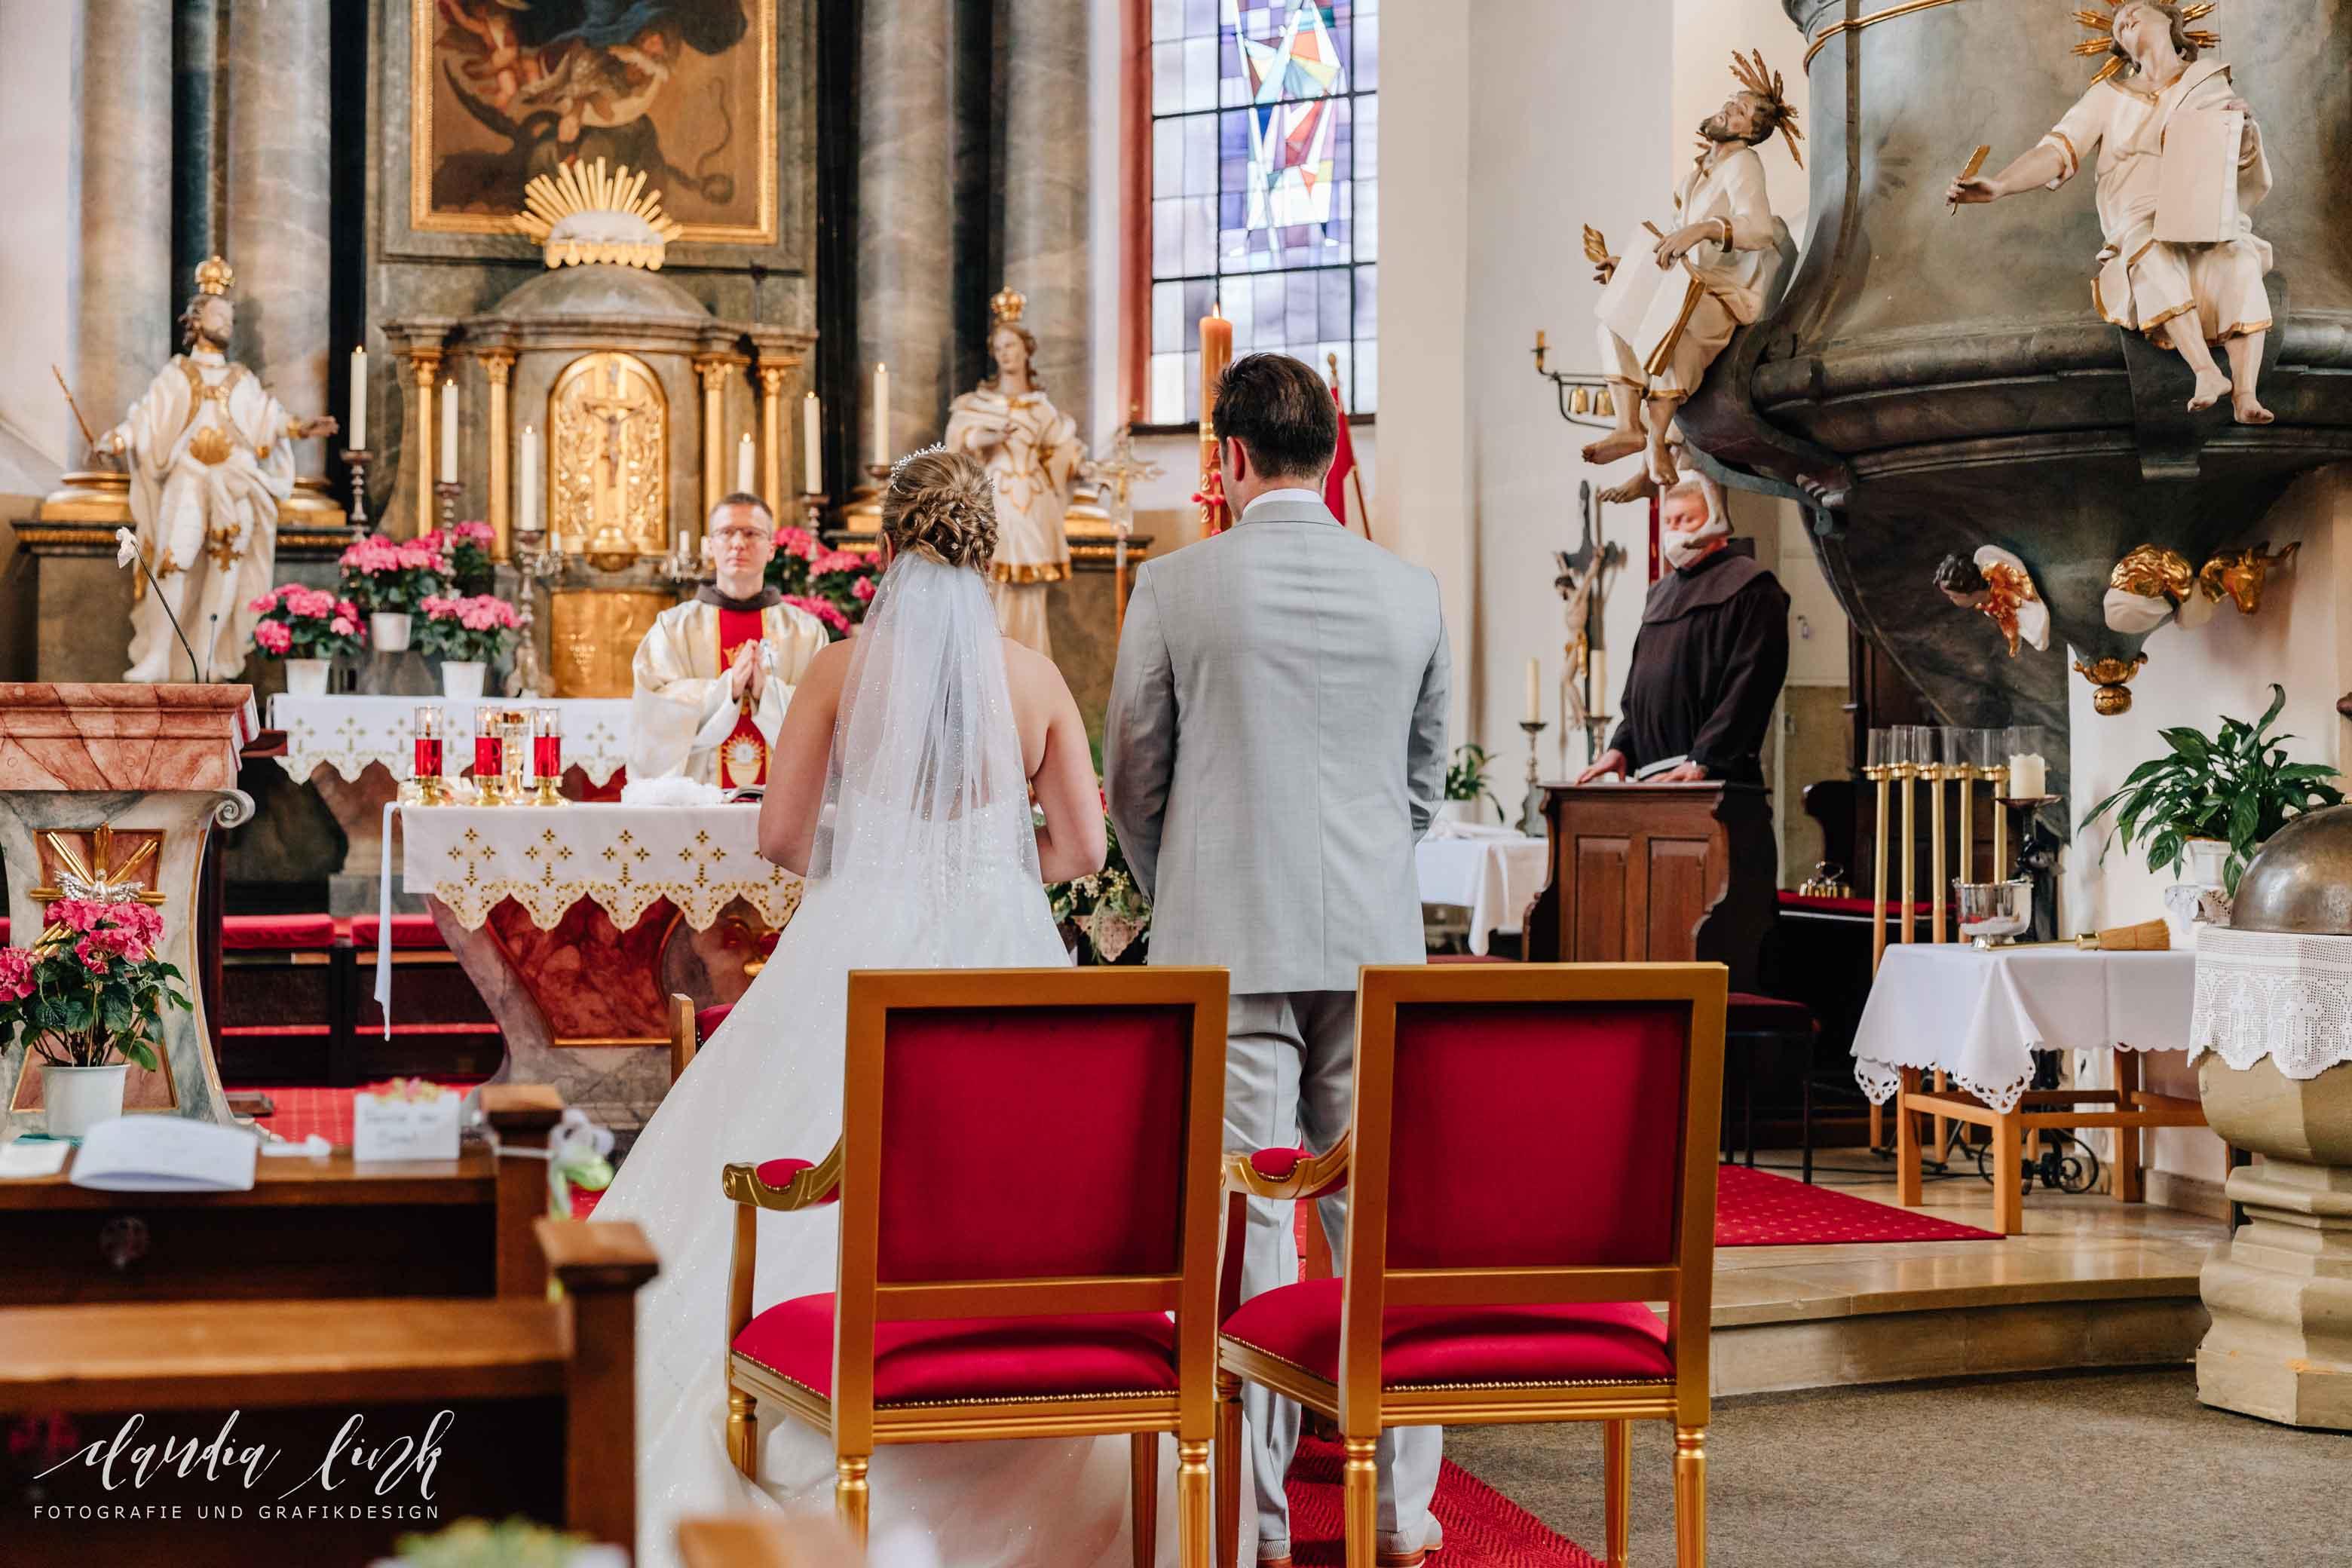 Kirchliche Hochzeit in Corona-Zeiten im fränkischen Burgkunstadt IMG 9782w